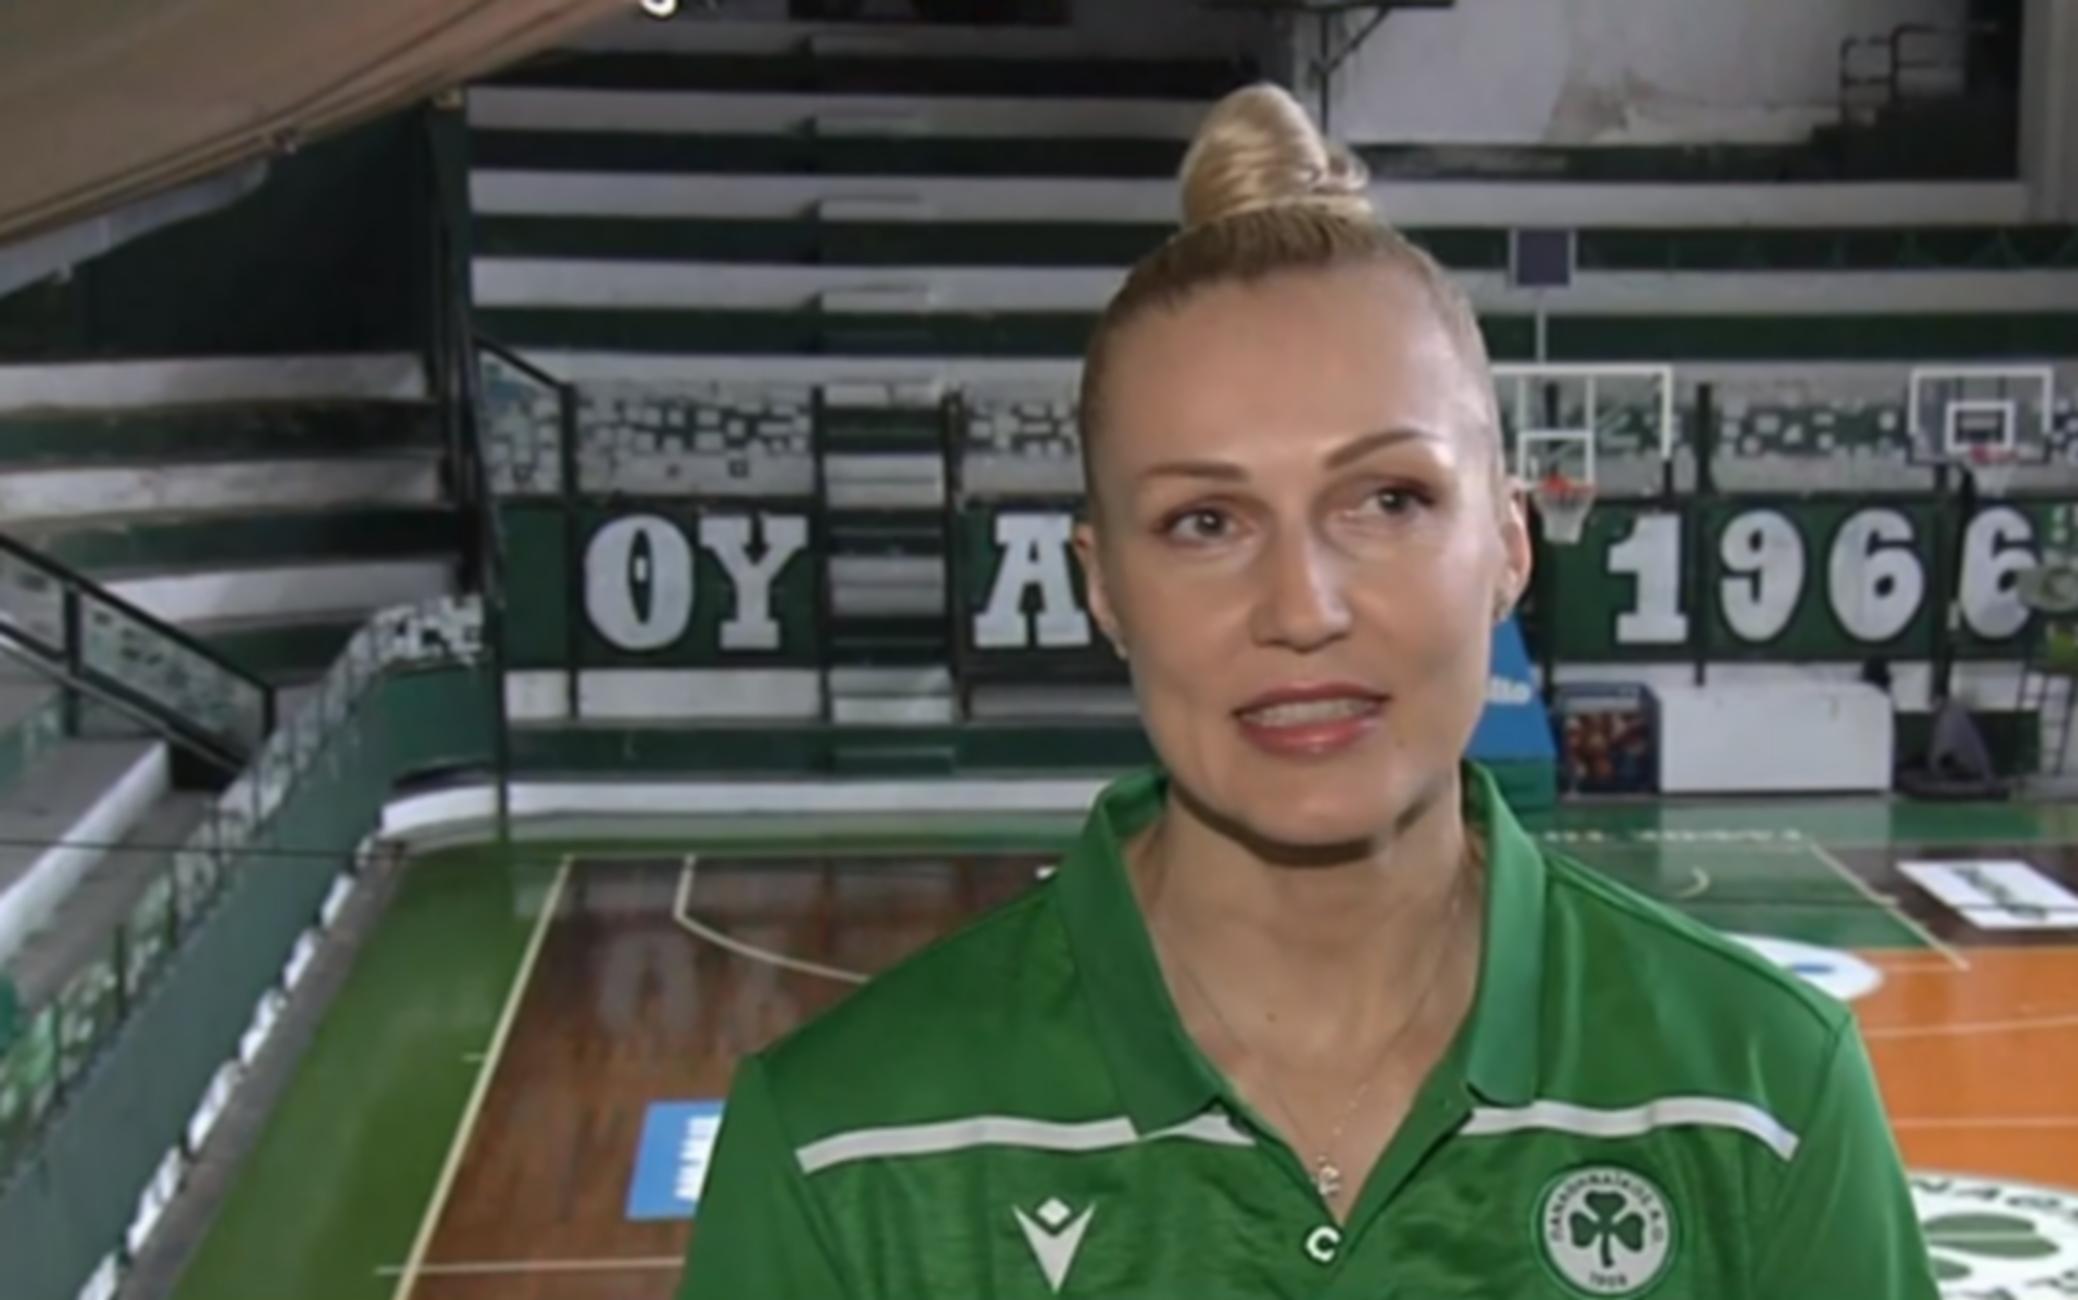 Παίκτρια του Παναθηναϊκού συγκλονίζει με την περιγραφή από τη φυλάκισή της (video)